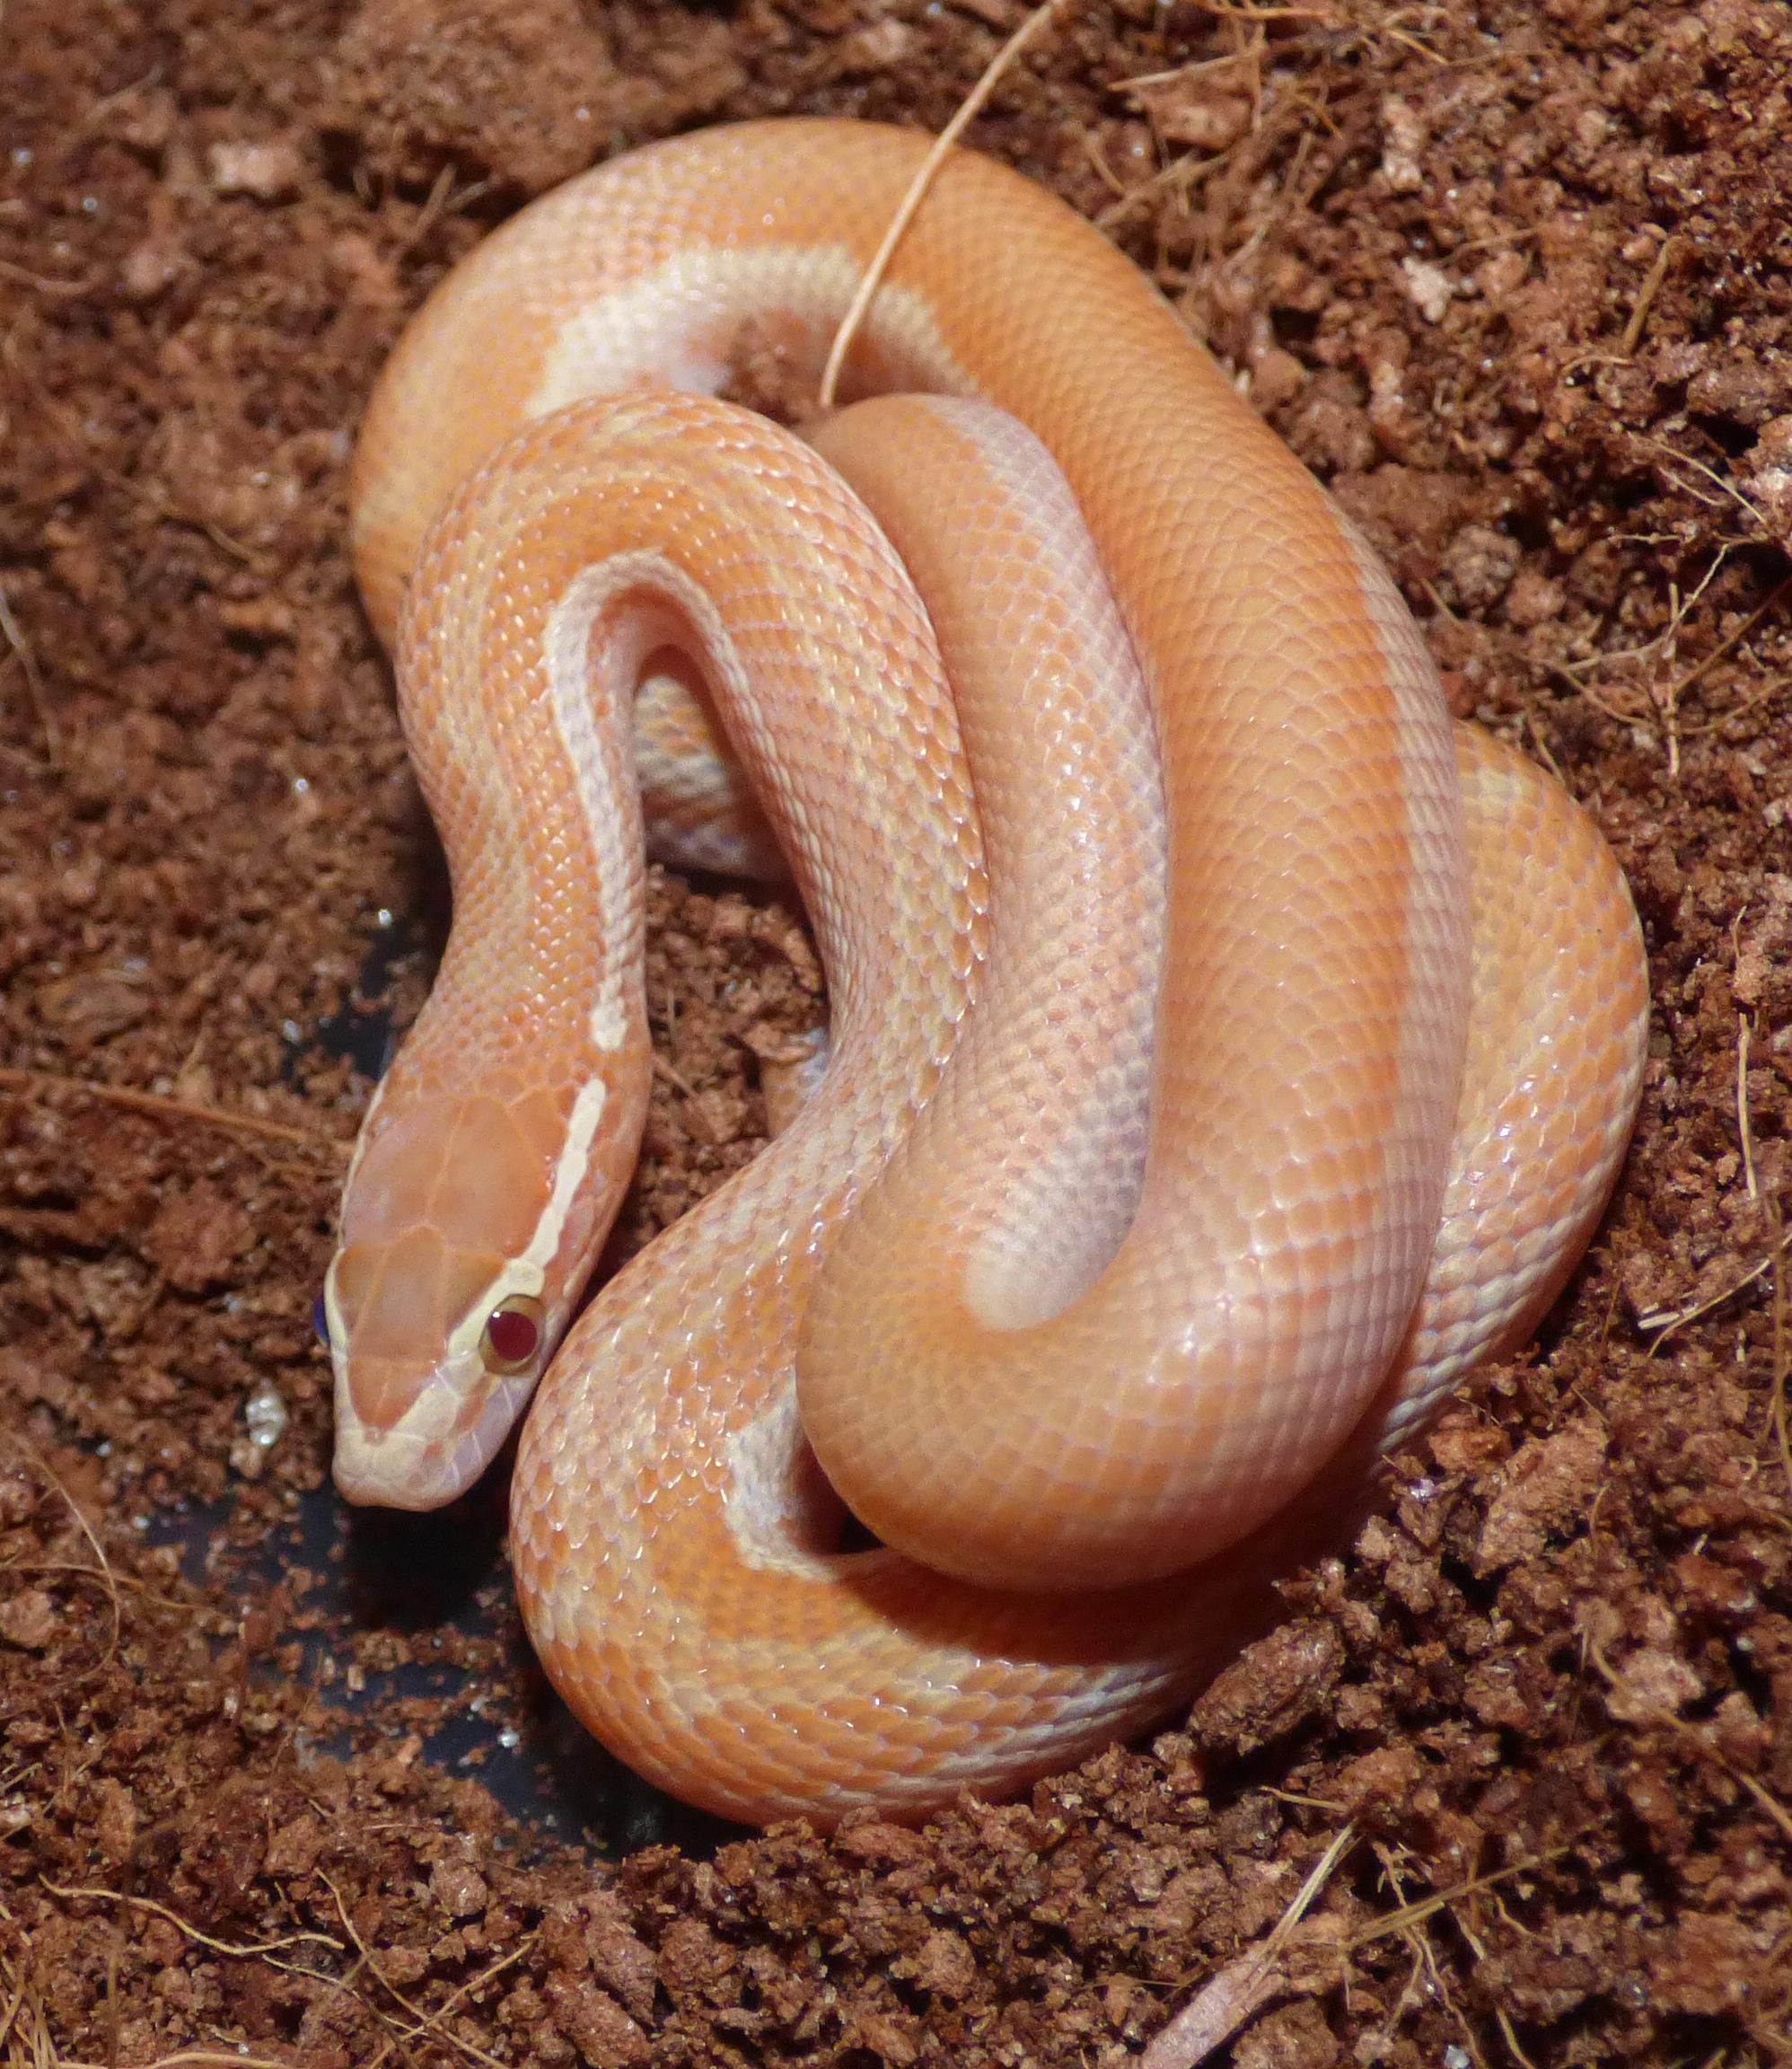 Boaedon capensis